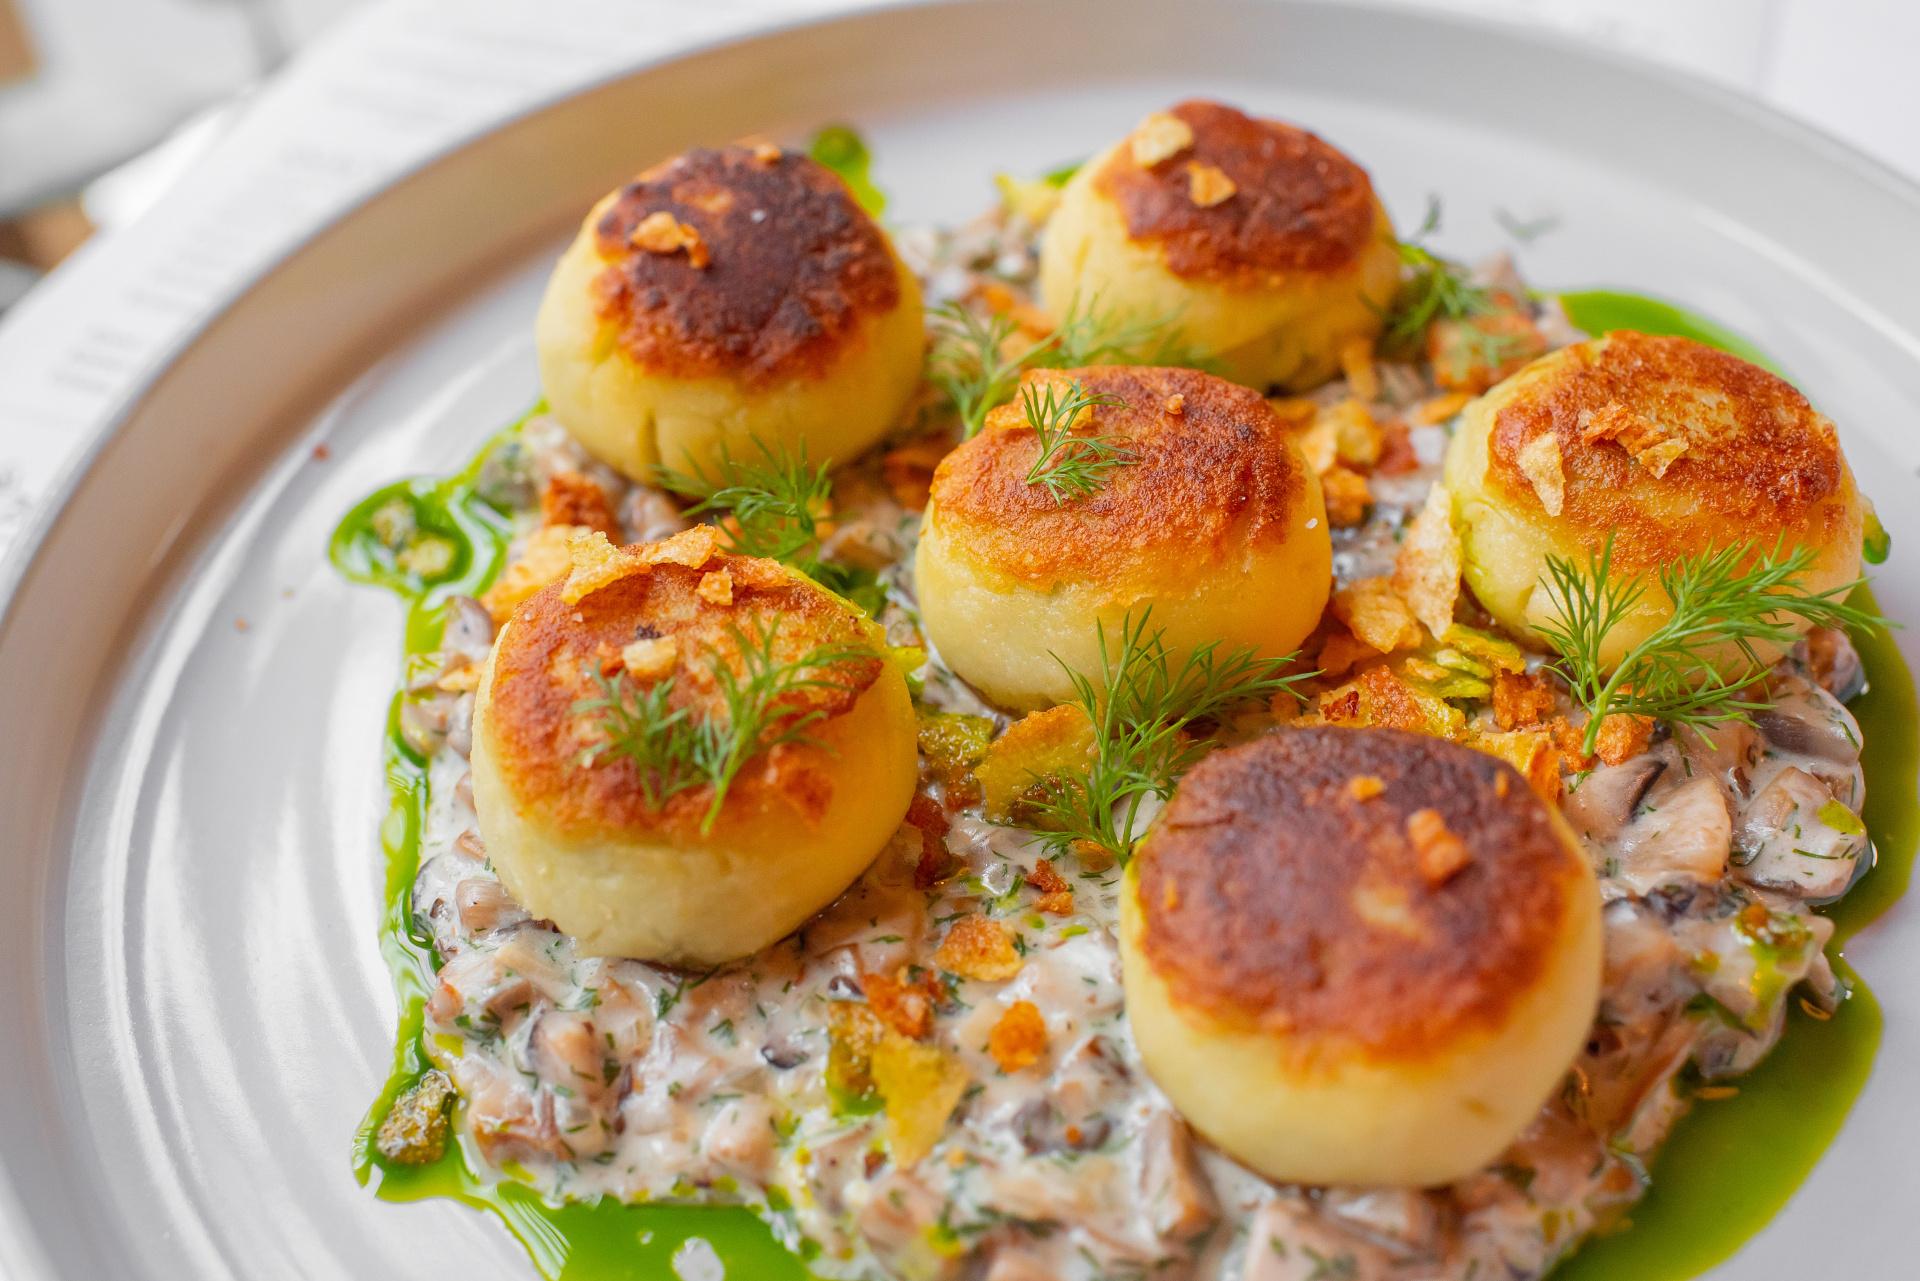 Bramborové knedlíčky plněné špenátem, houbové ragú s koprem, křupavé brambory, koprový olej